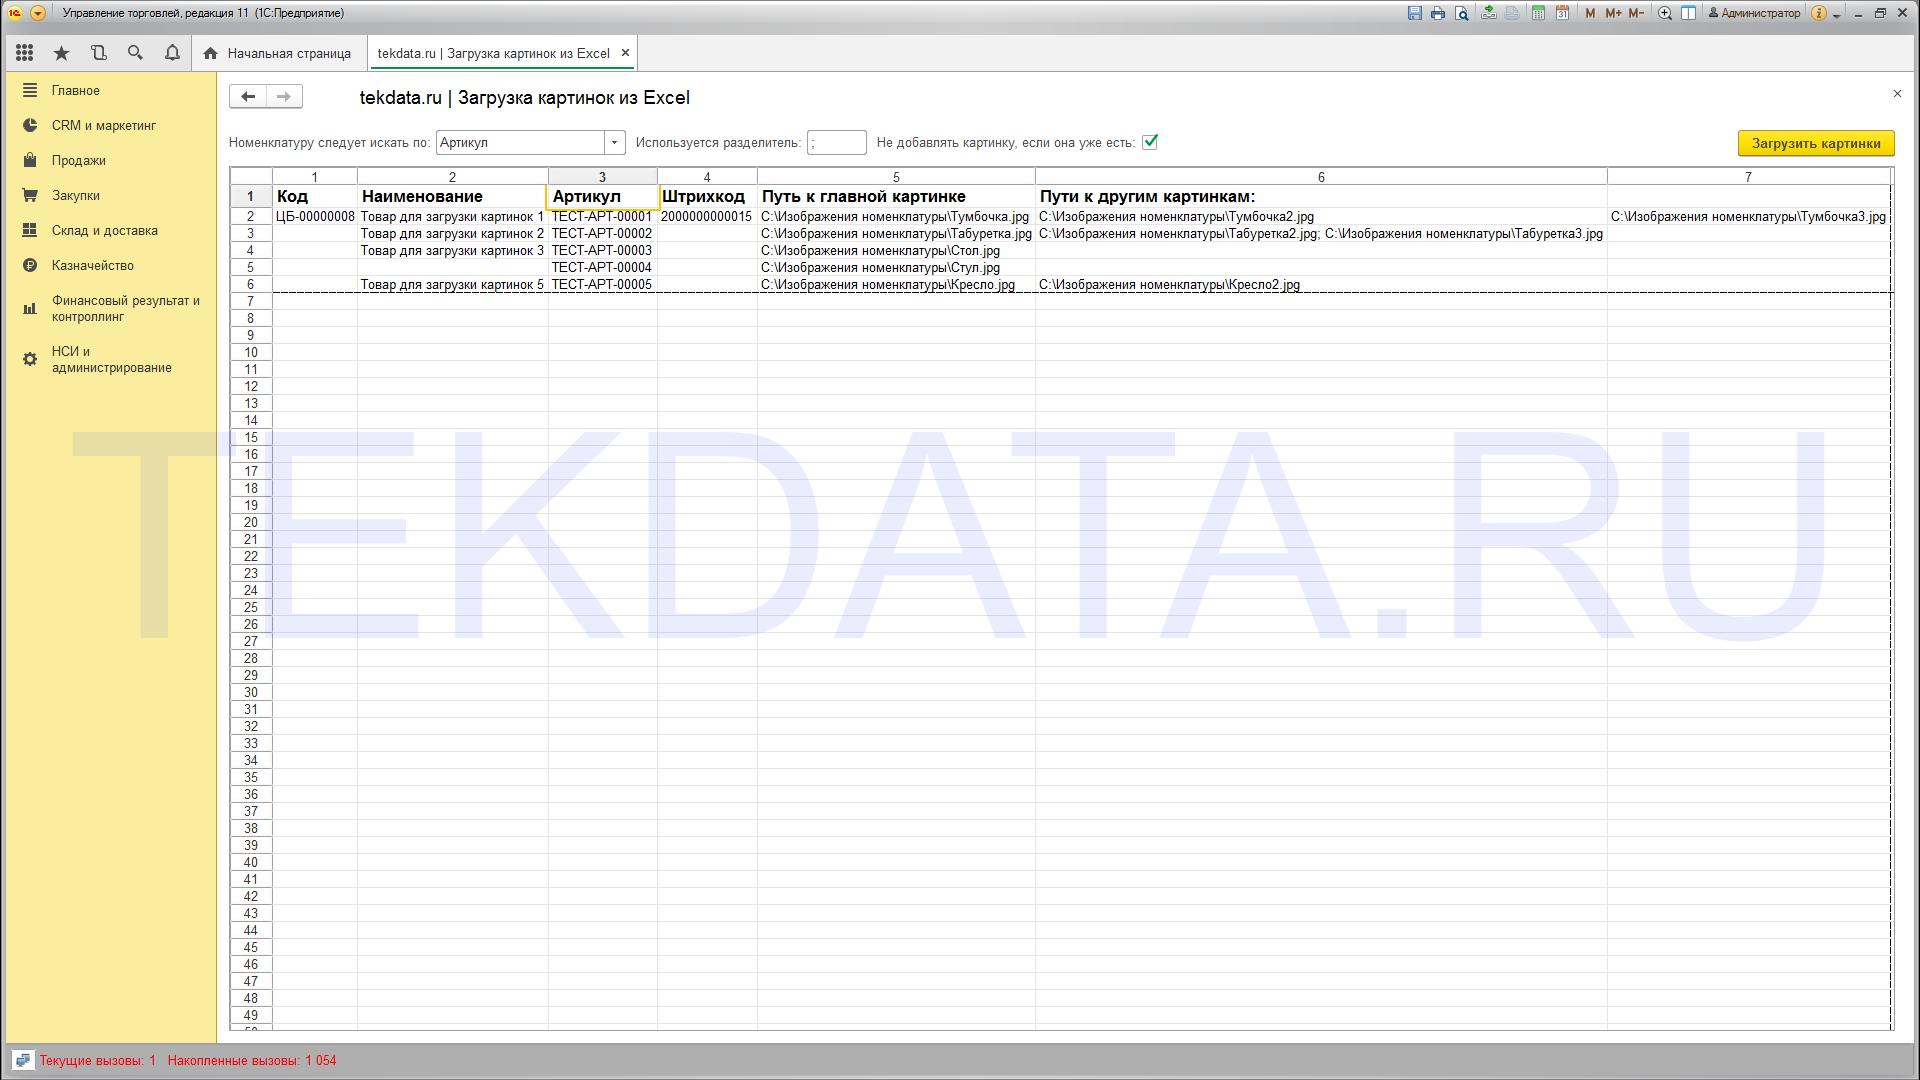 Загрузка картинок номенклатуры из Excel для 1С:УТ 11.4